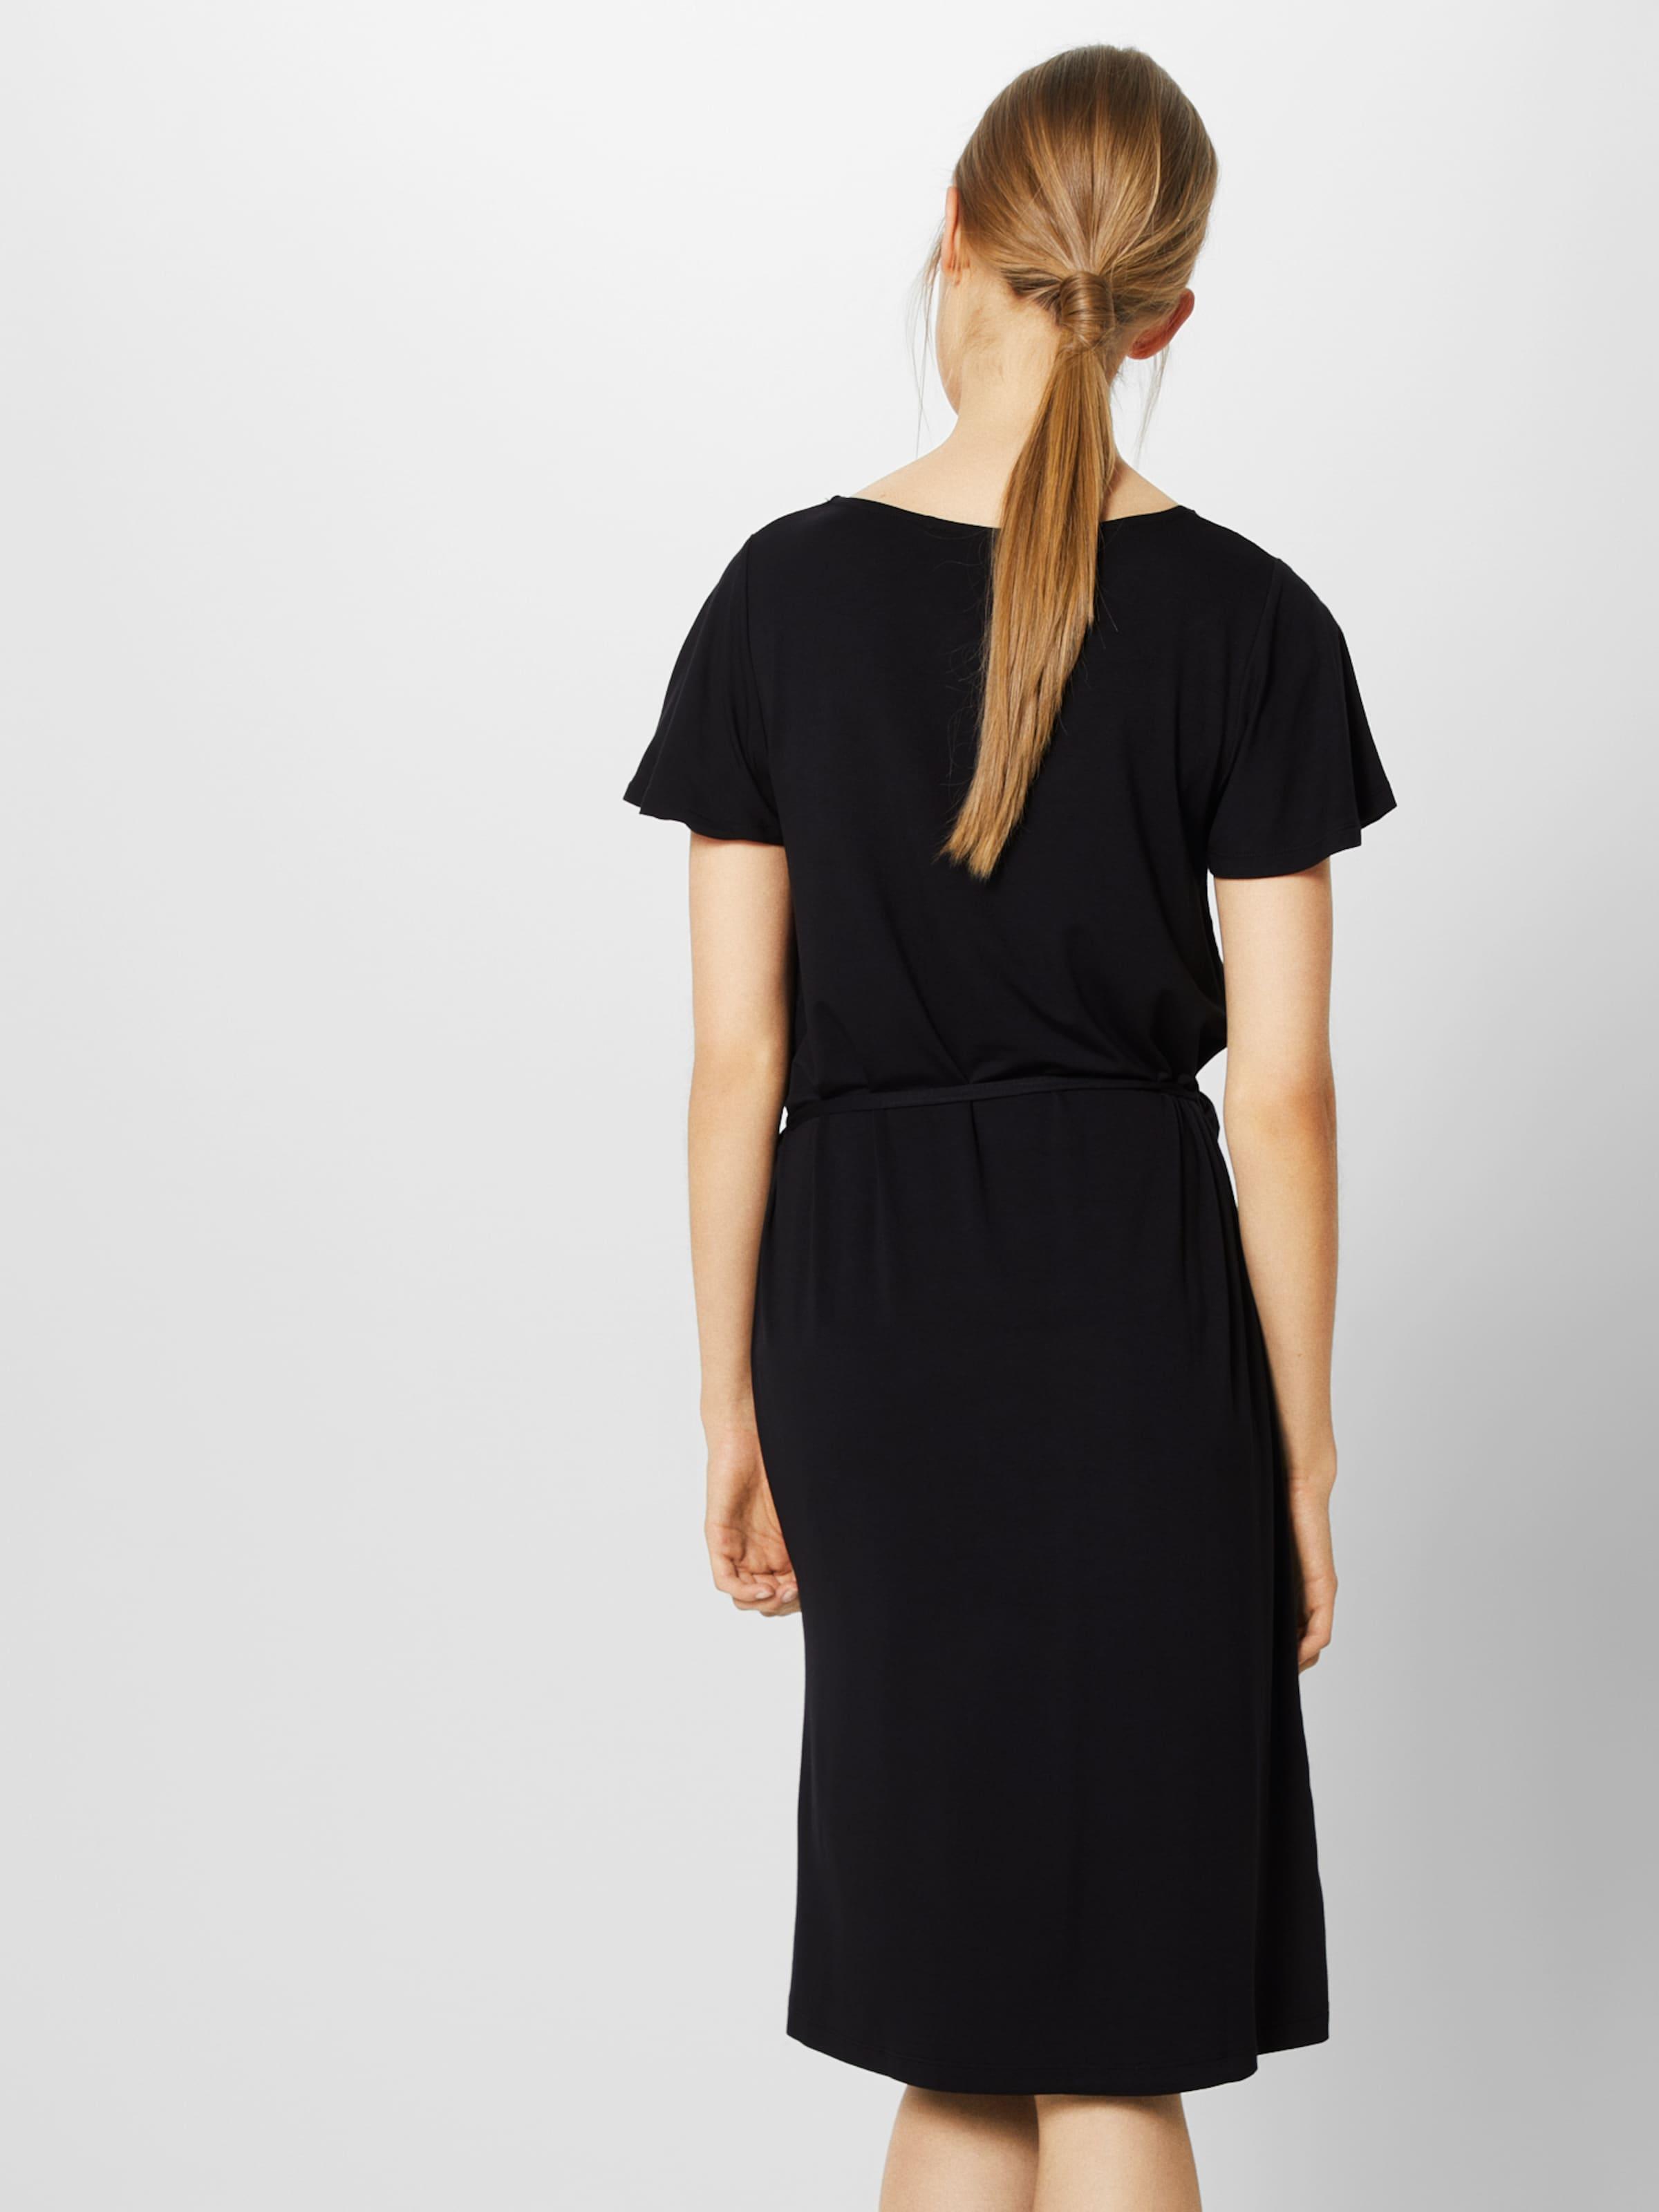 Rosemunde Robe Robe En Rosemunde Noir QoErBdCxeW